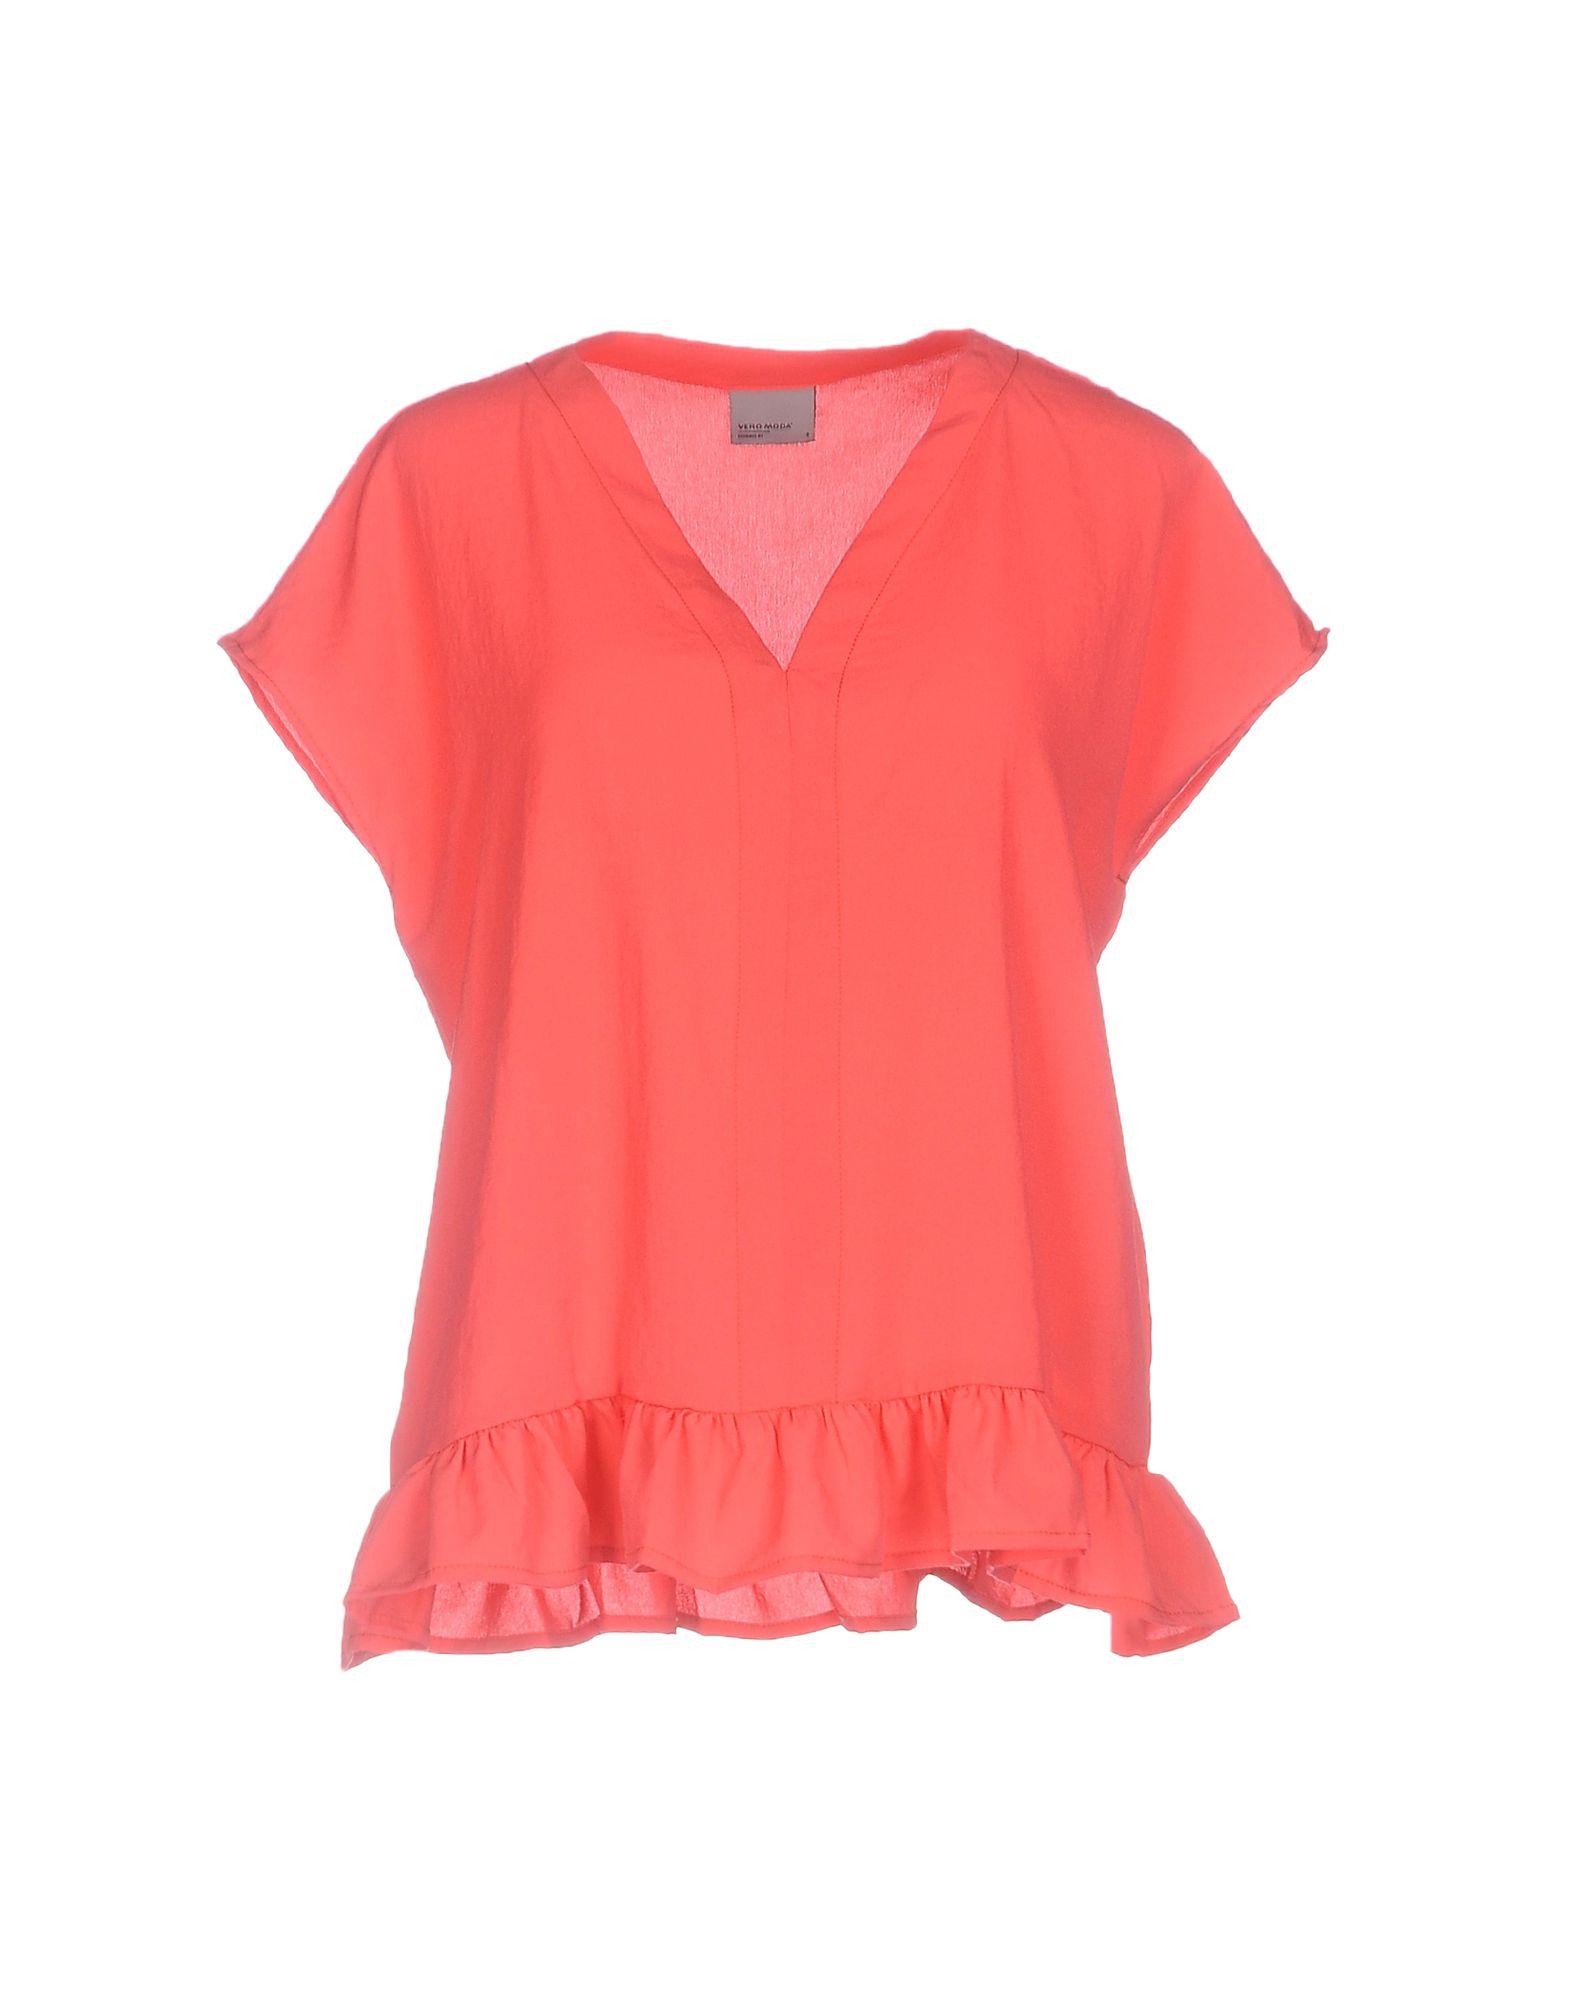 VERO MODA Блузка блузка quelle vero moda 1018139